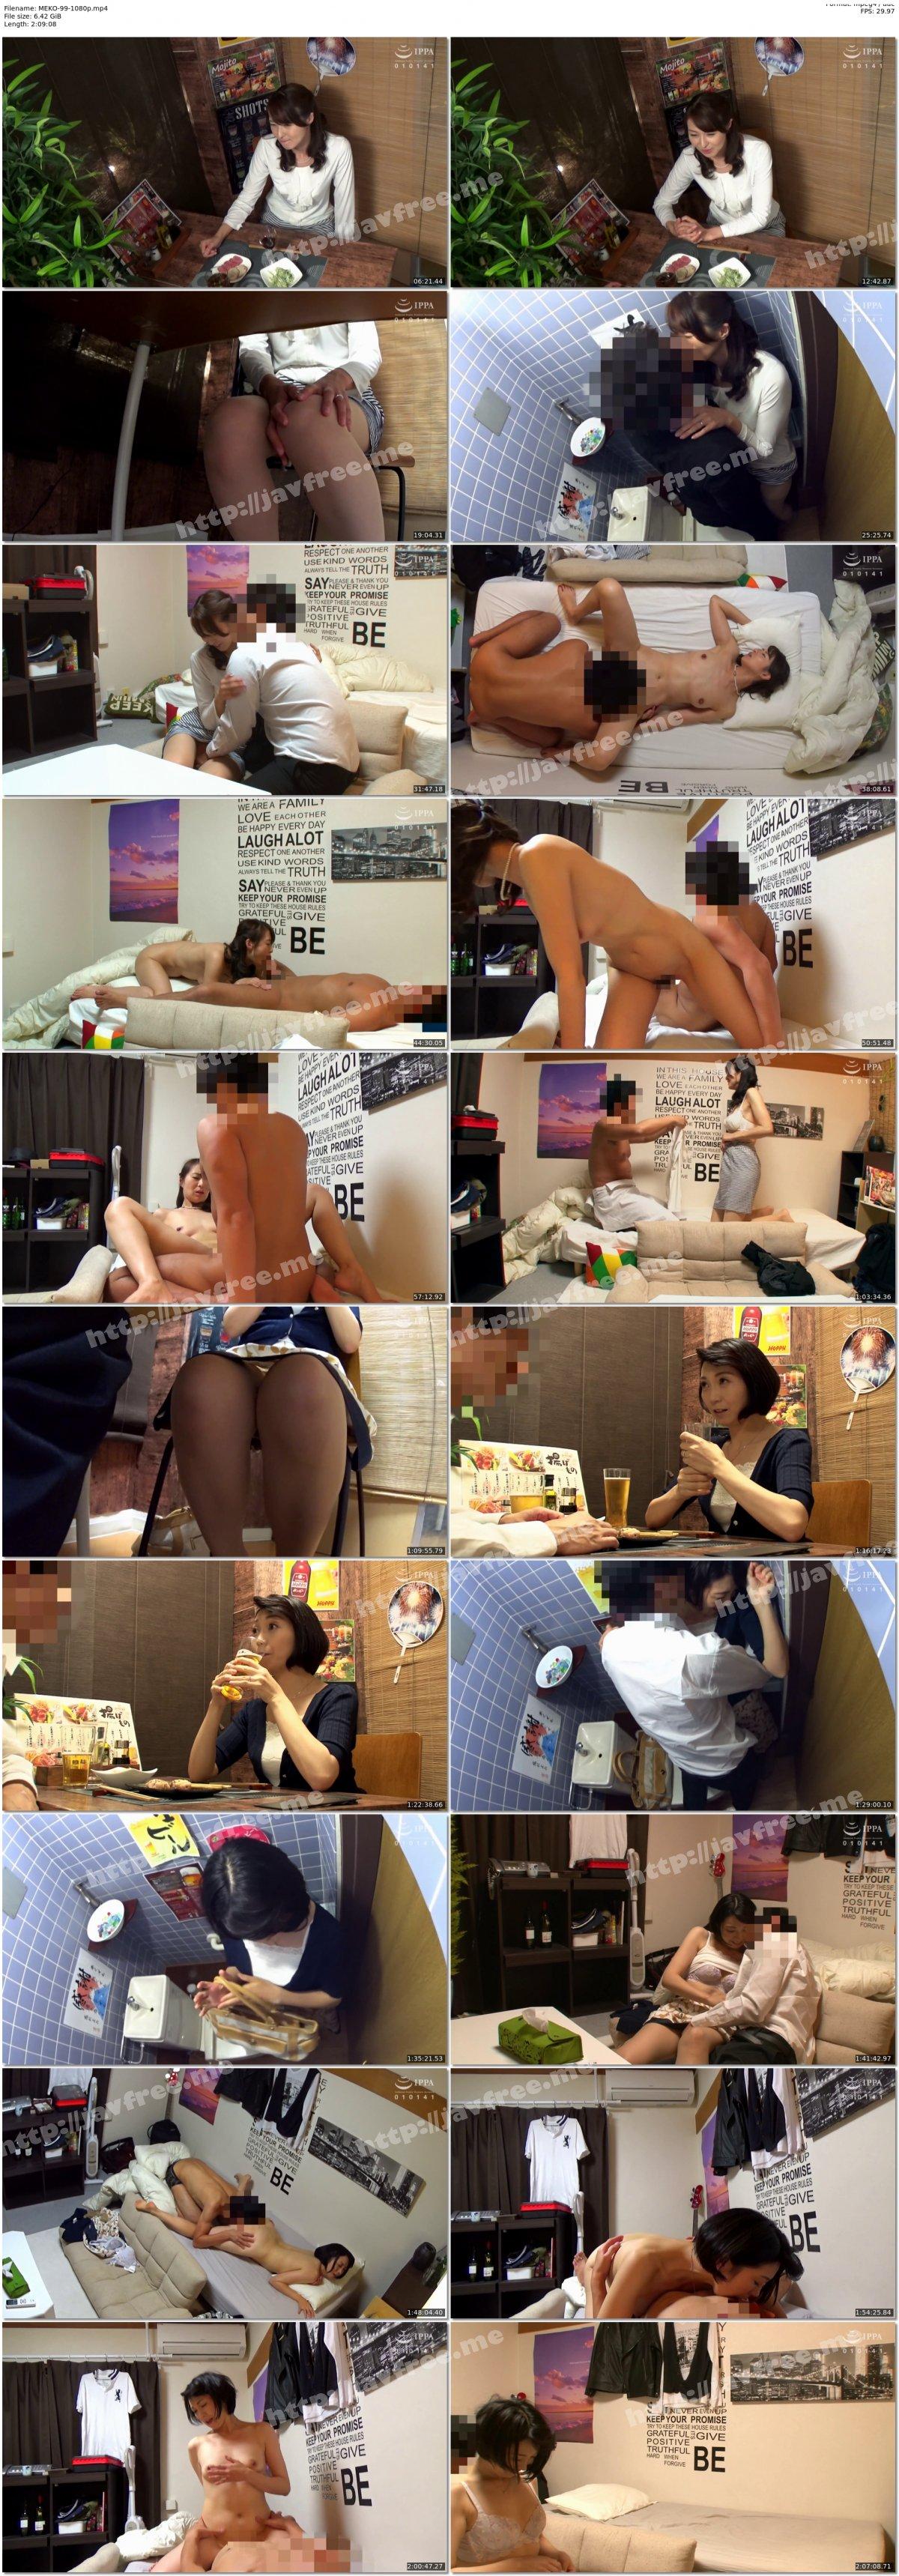 [HD][MEKO-99] 「おばさんを酔わせてどうするつもり?」若い男女で溢れ返る相席居酒屋で一人呑みしている熟女を狙い撃ちで口説いてお持ち帰り!寂しさと欲求不満が募った素人奥さんの乾いたカラダはよく濡れる!!VOL.22 - image MEKO-99-1080p on https://javfree.me